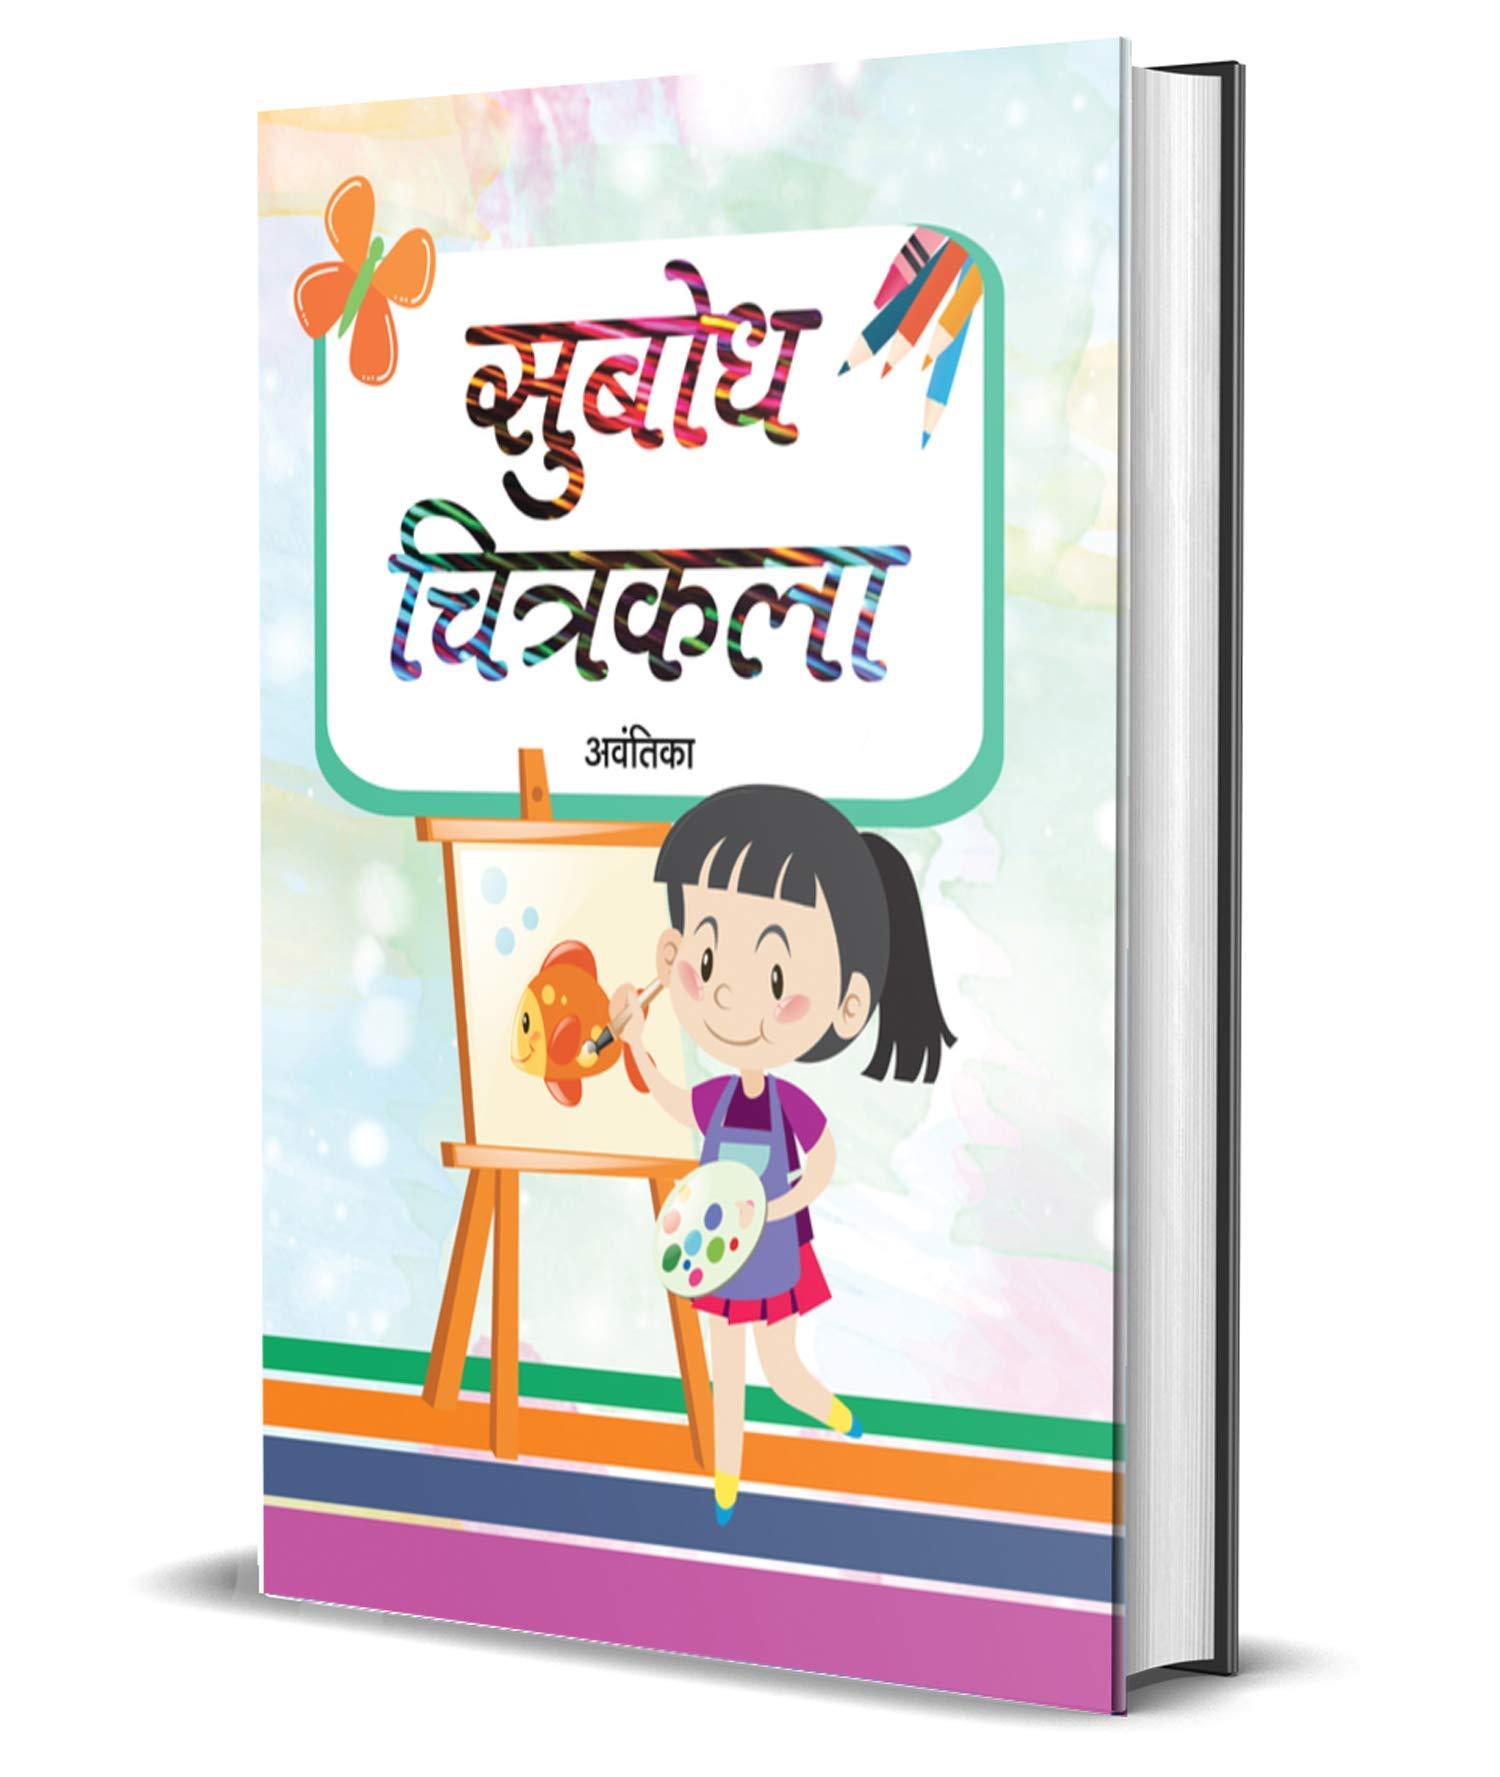 Buy Subodh Chitrakala Hindi Book Online At Low Prices In India Subodh Chitrakala Hindi Reviews Ratings Amazon In